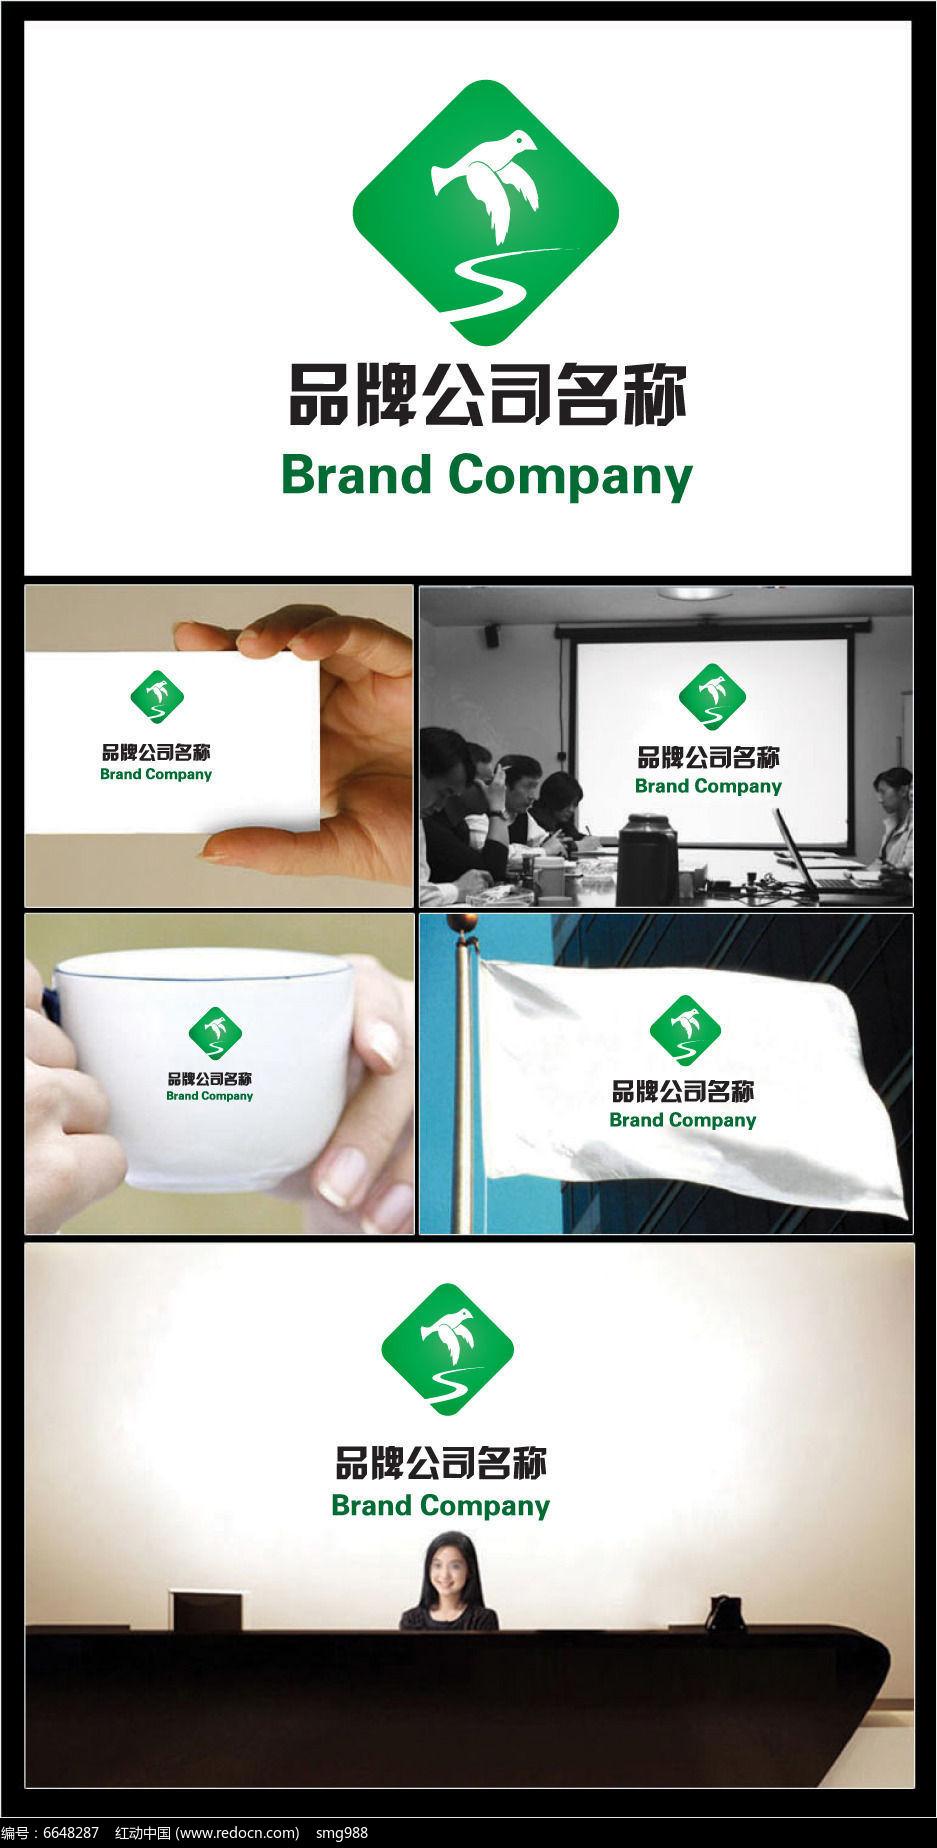 鸽子和河流组成的绿色主题公司标志图片